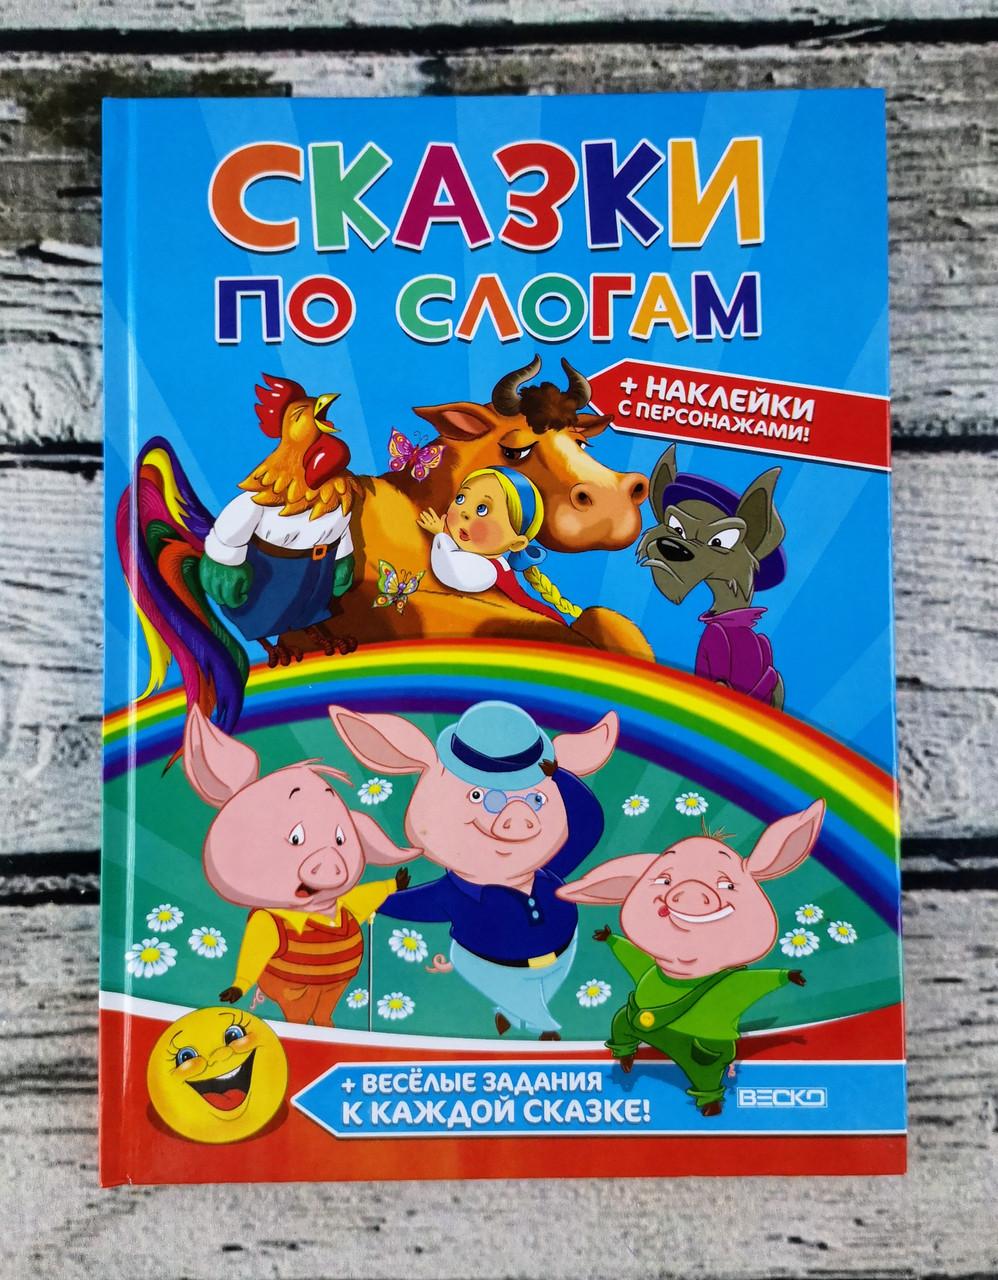 Сказки по слогам + наклейки персонажей 106155 Веско Украина